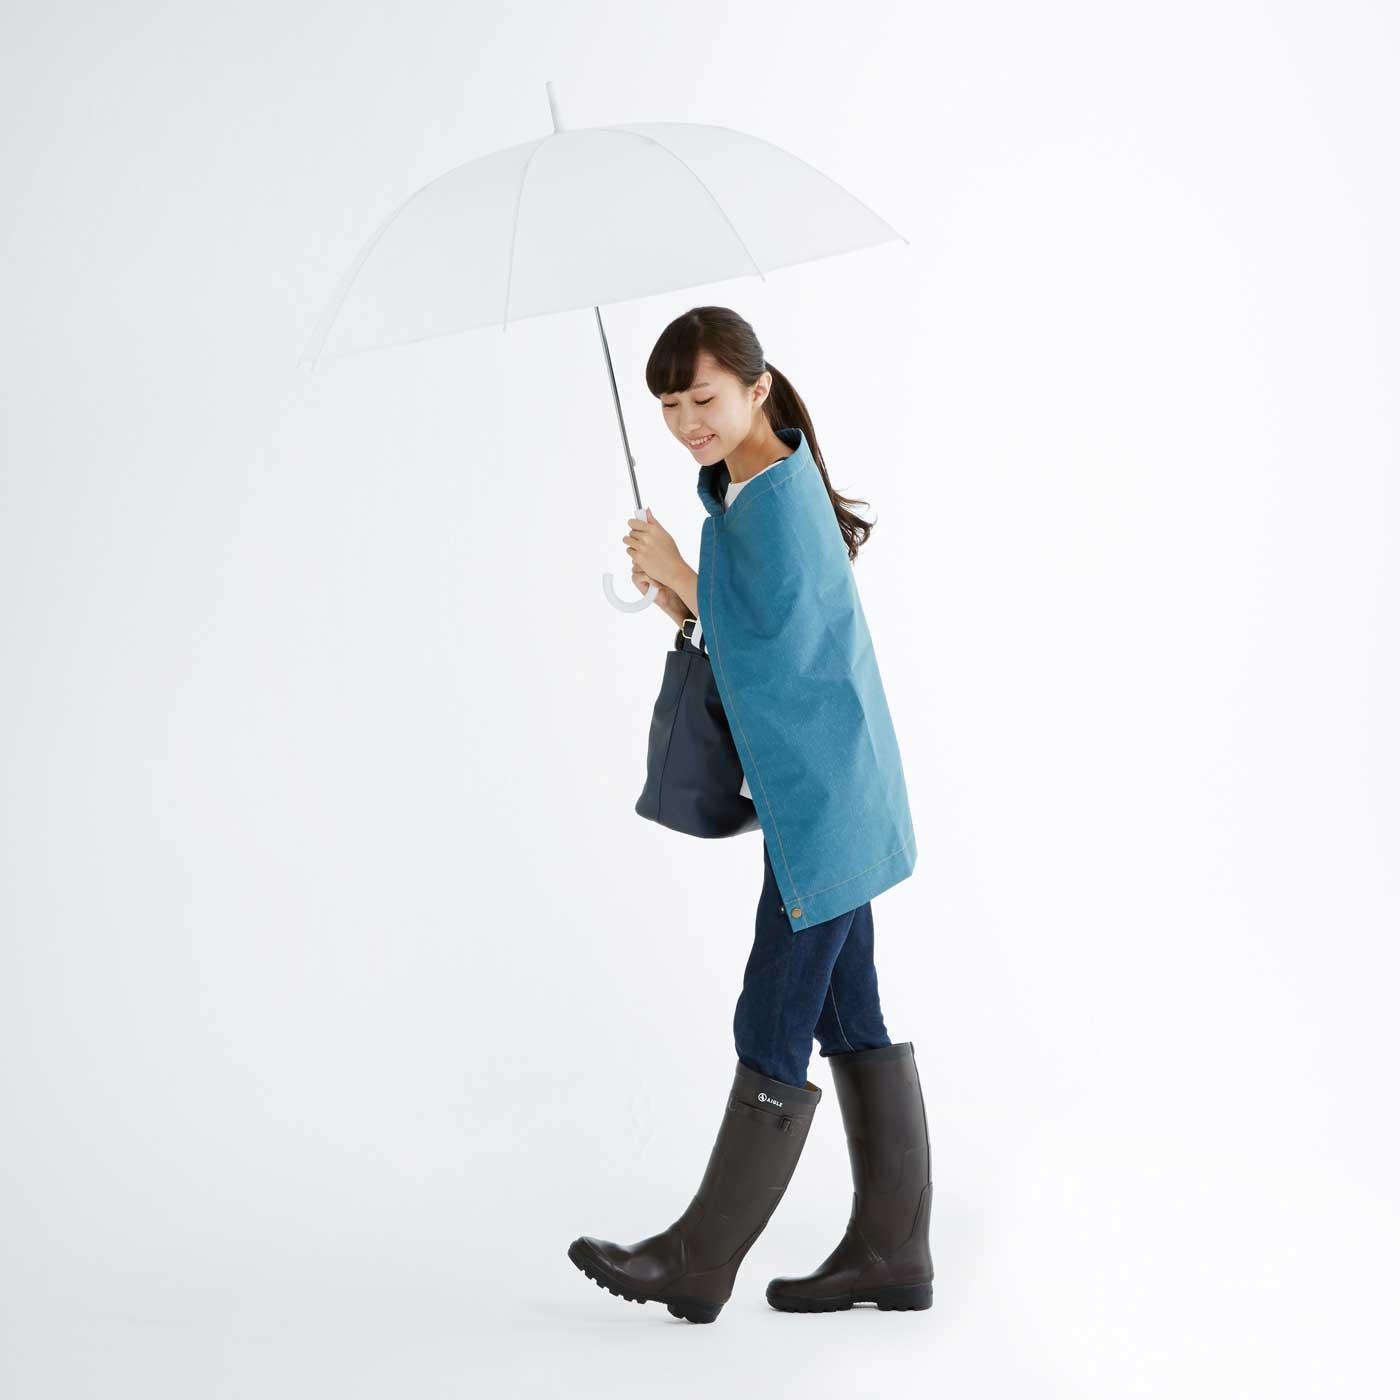 (1)ボレロ風にして、荷物を前にして背中を守る。